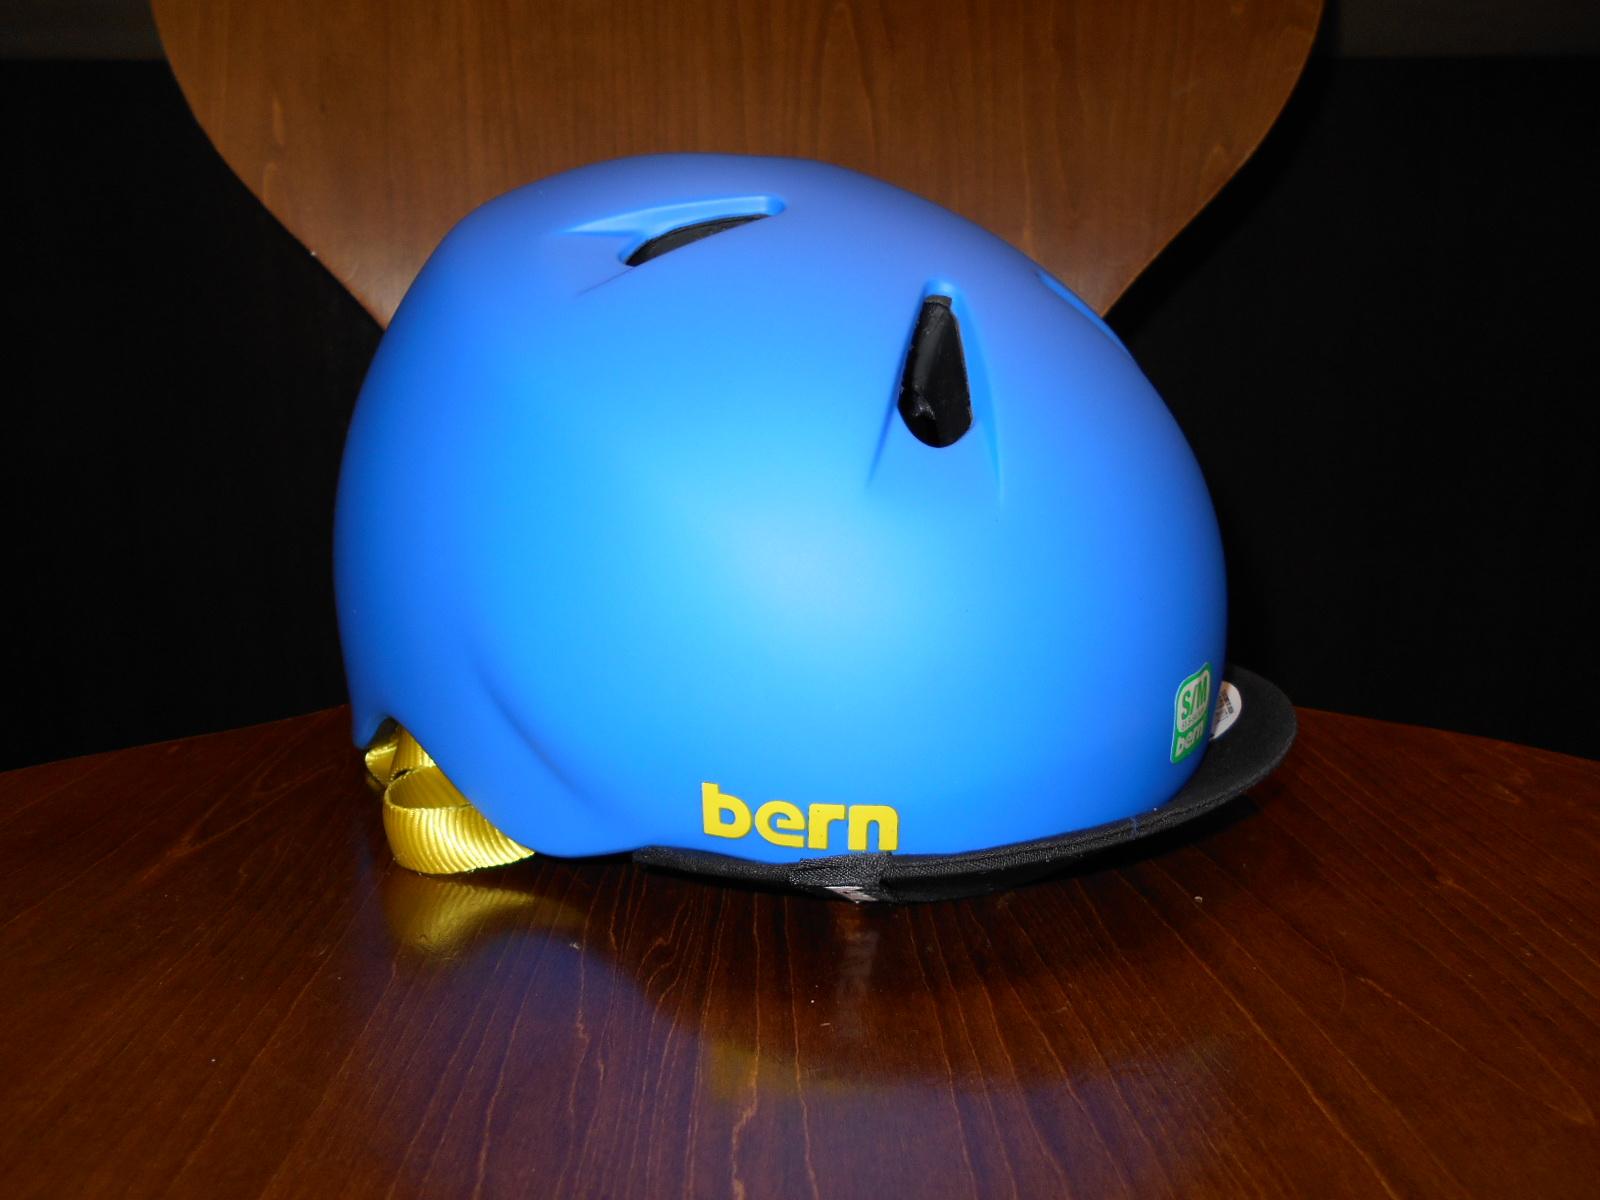 bernのnino/nina2015年カラーが入荷しました_b0189682_154192.jpg